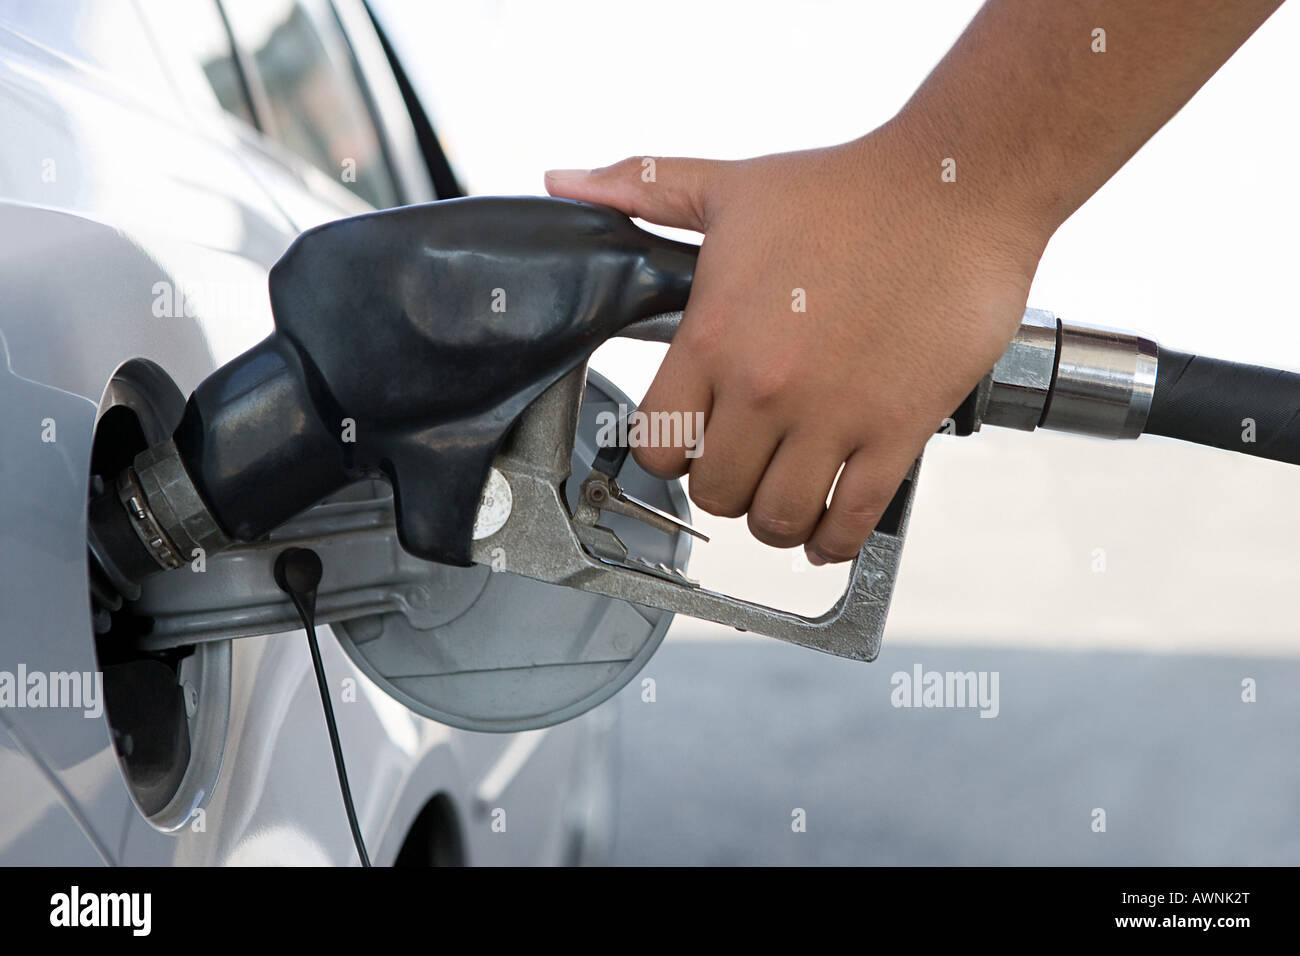 Eine Person, die einen Benzintank zu füllen Stockbild